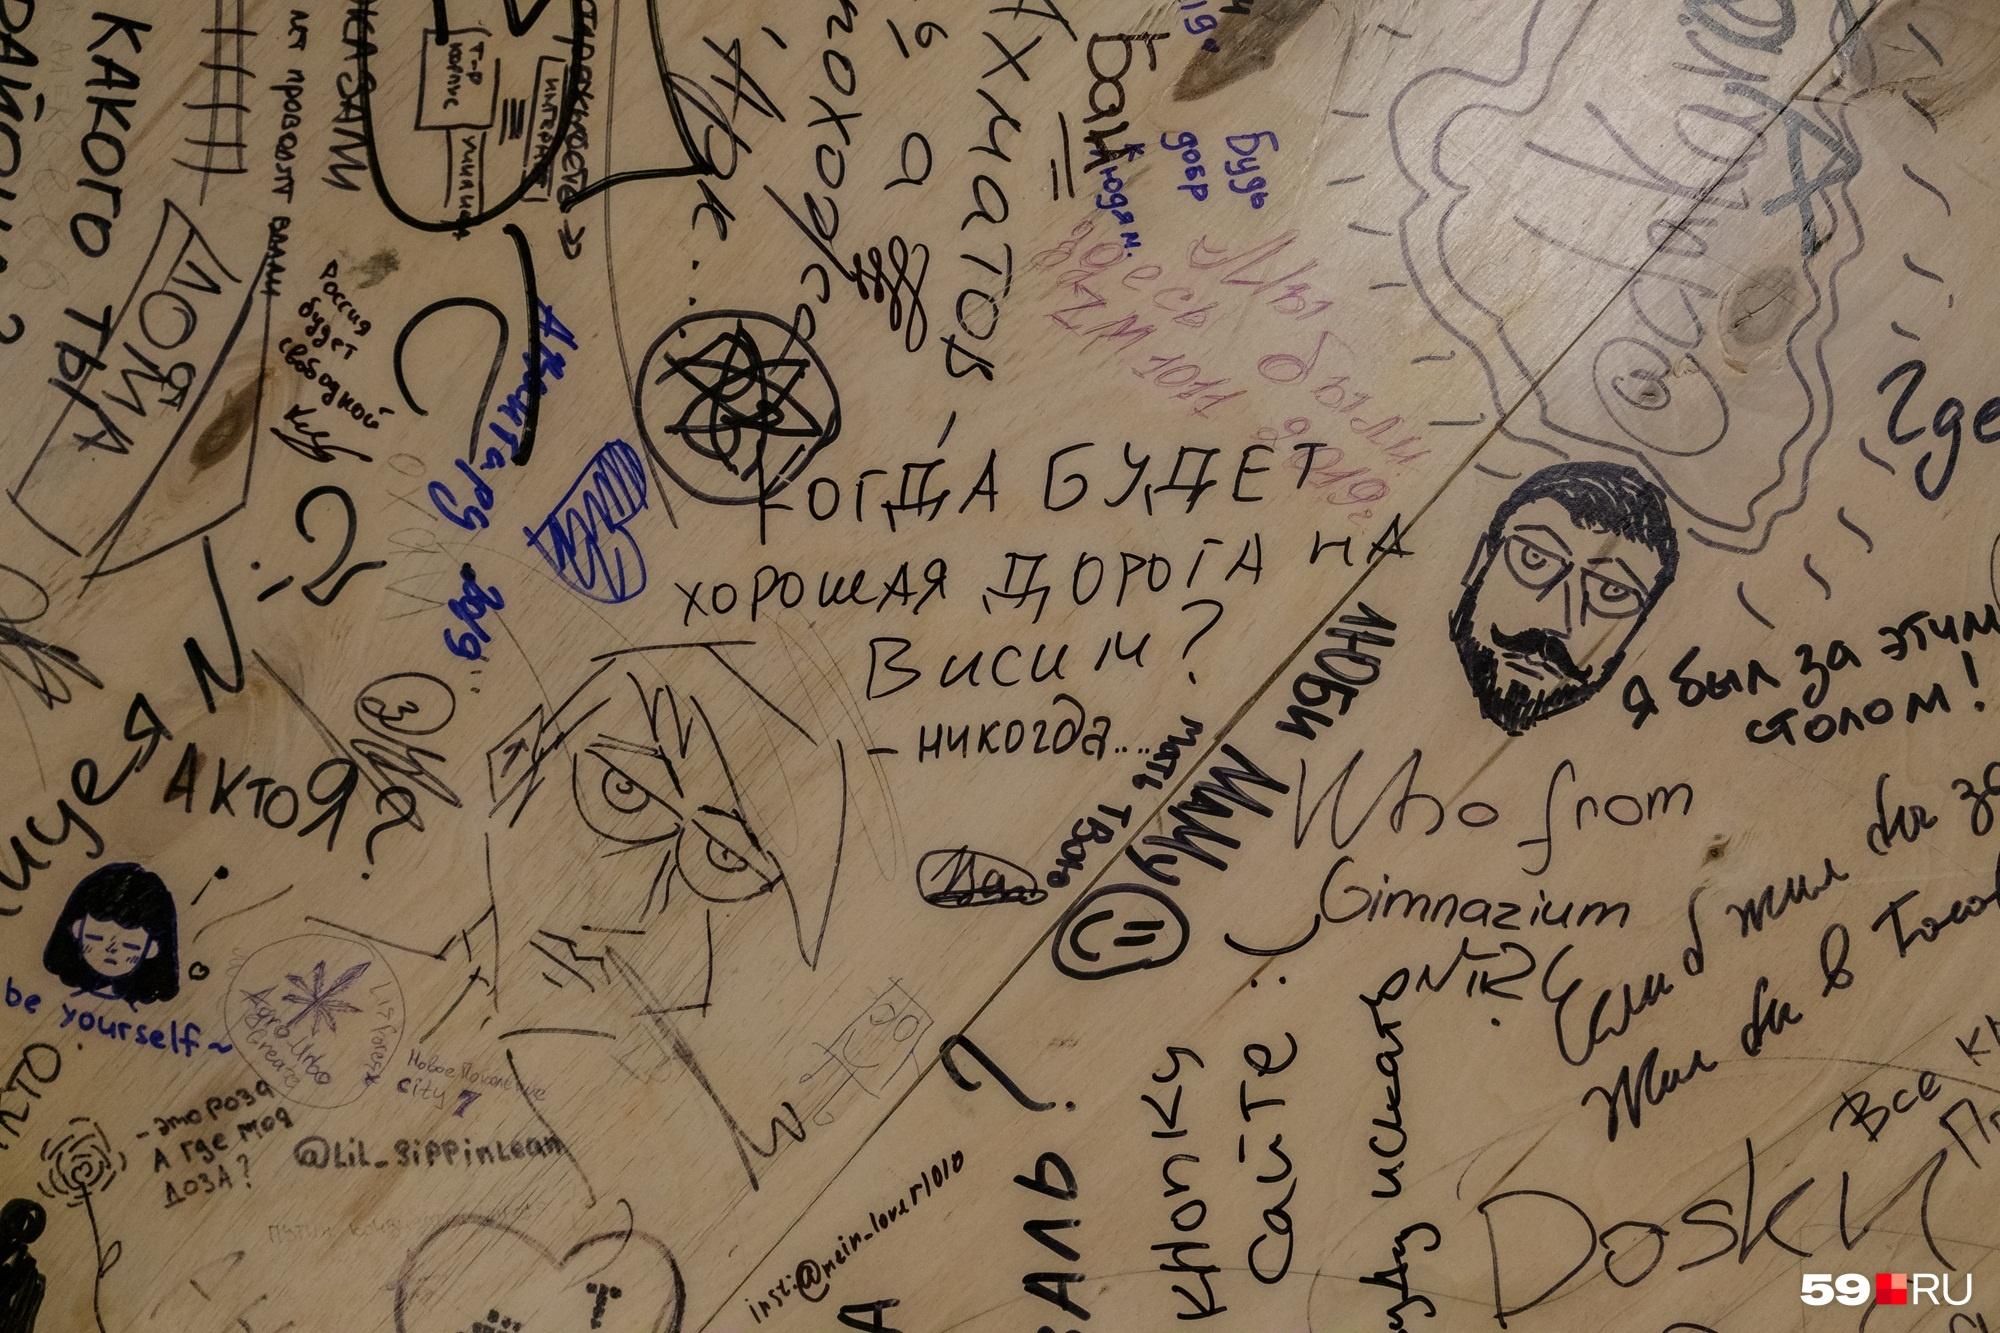 На поверхности стола можно что-нибудь написать или задать вопрос. А может быть, и кому-то ответить